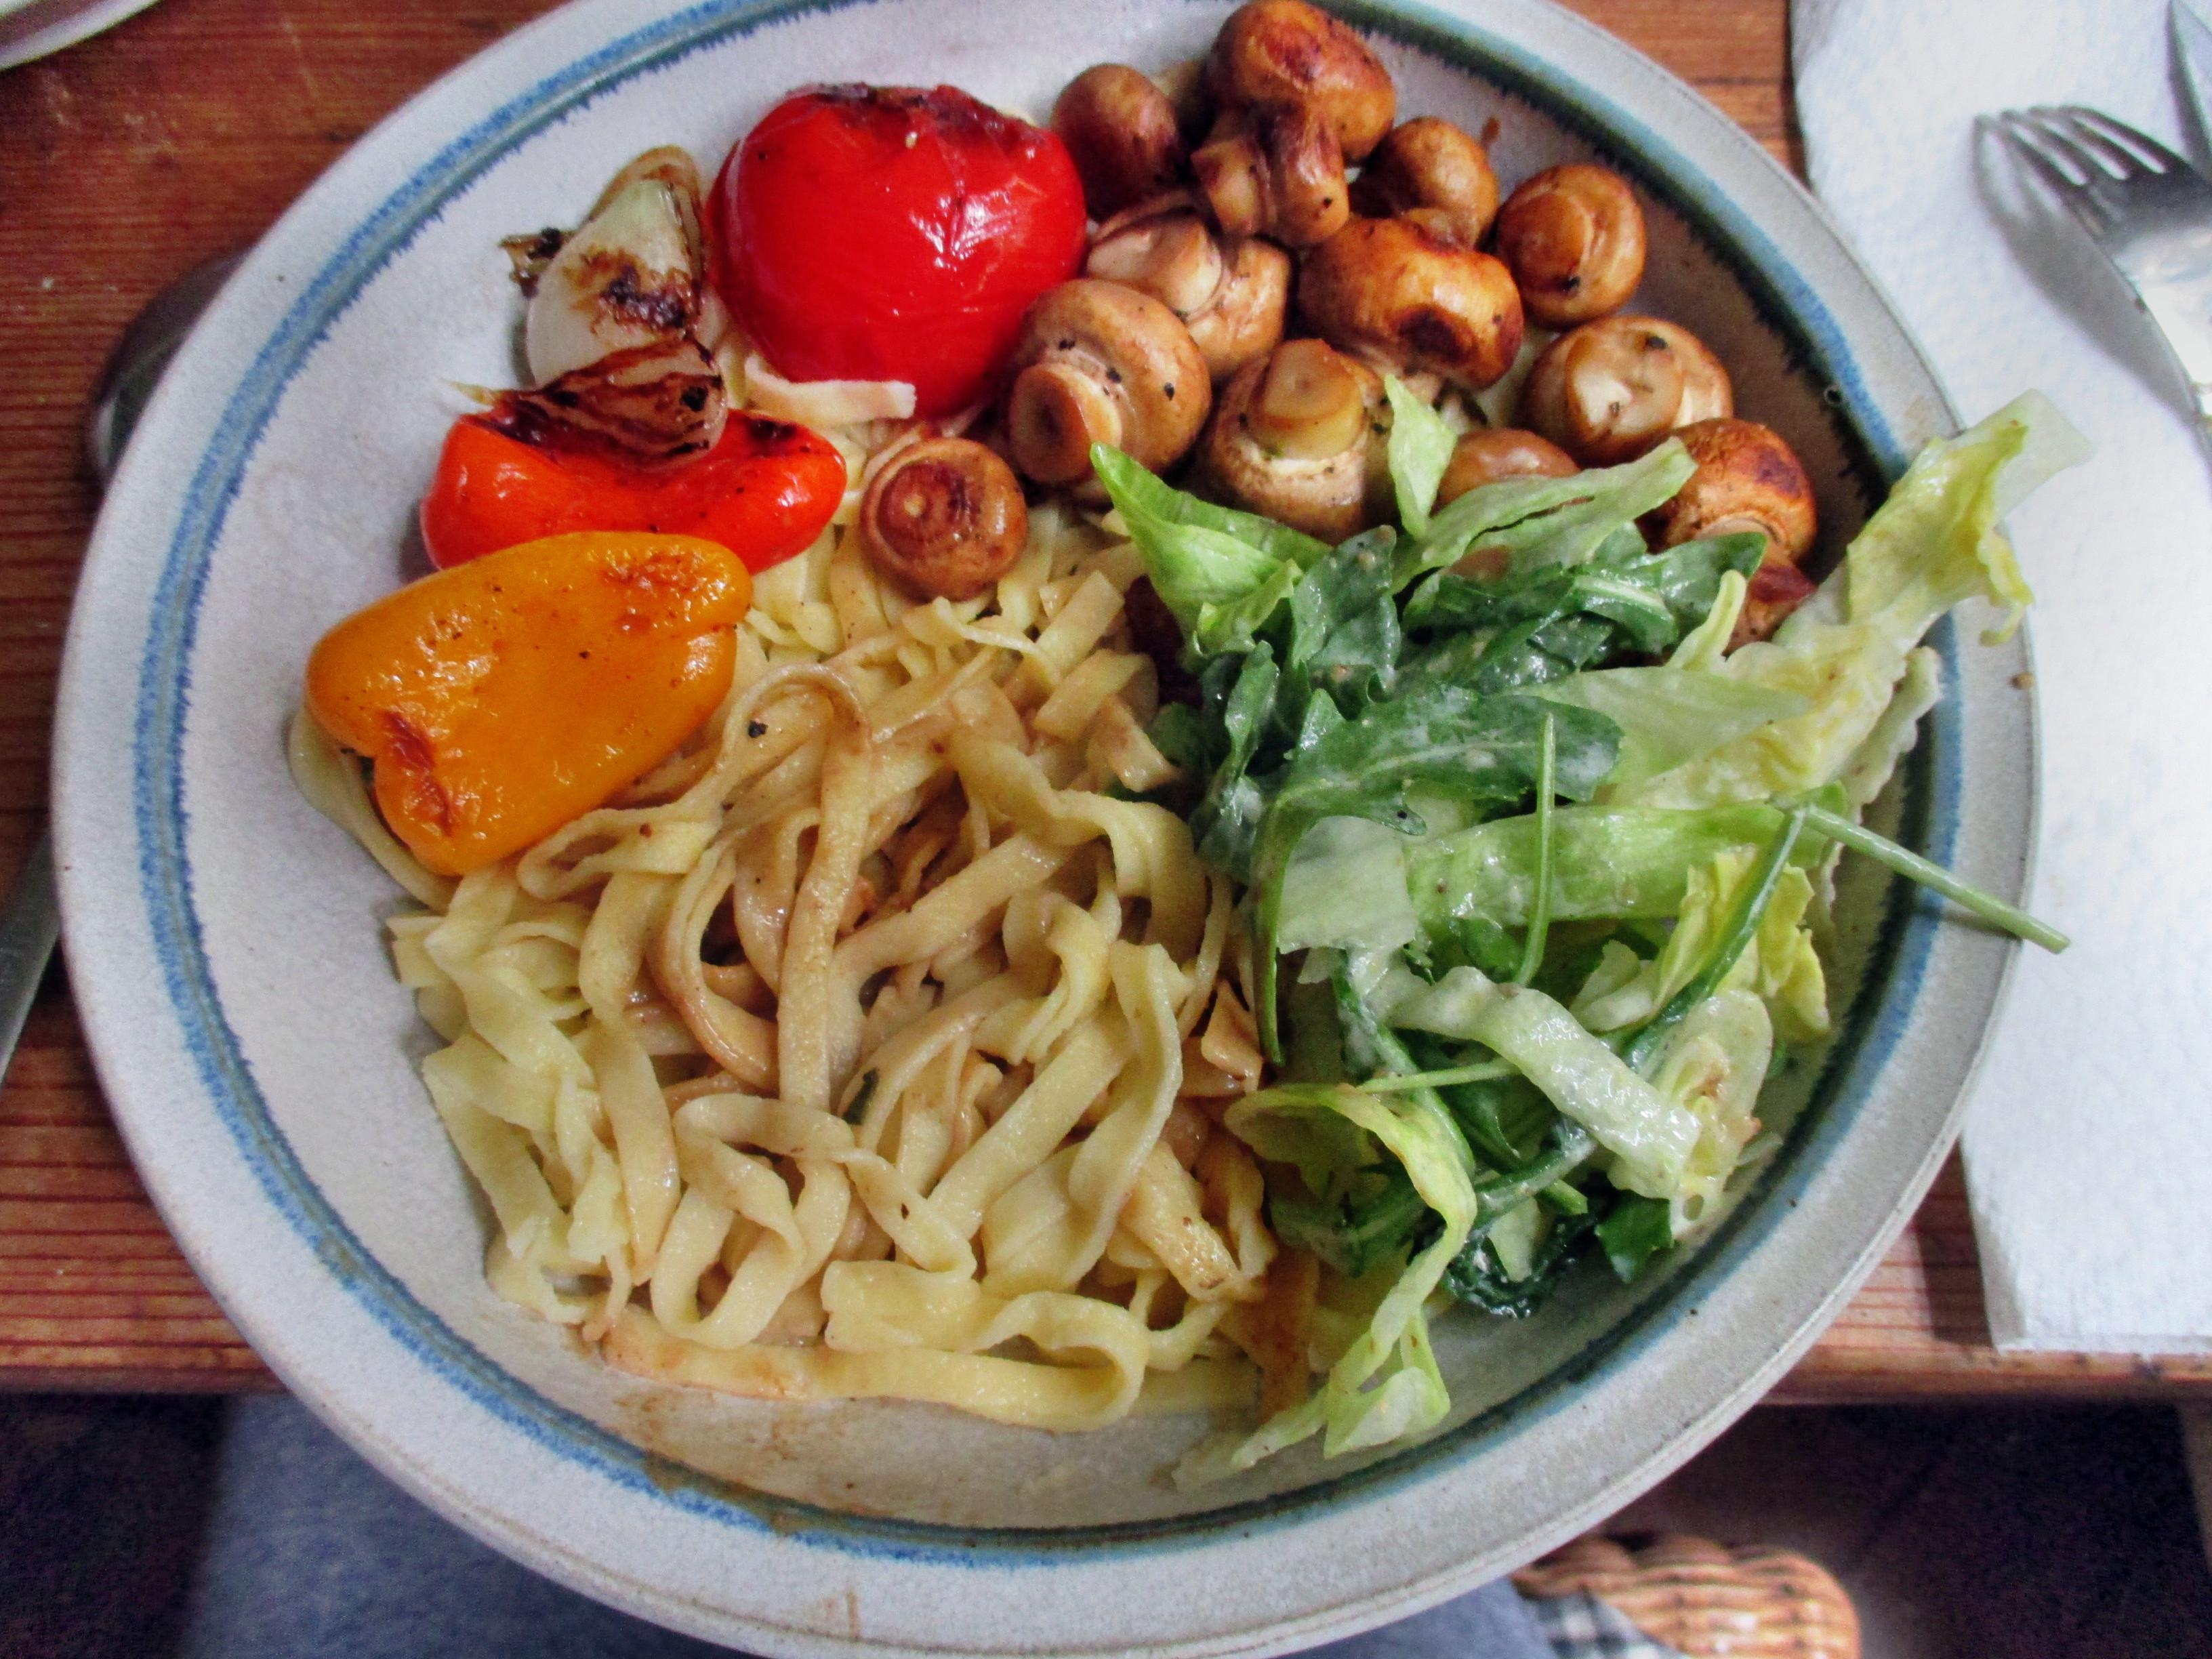 selbstgemachte Nudeln,Champignon,Bratpaprika,Salat -21.6.15   (15)